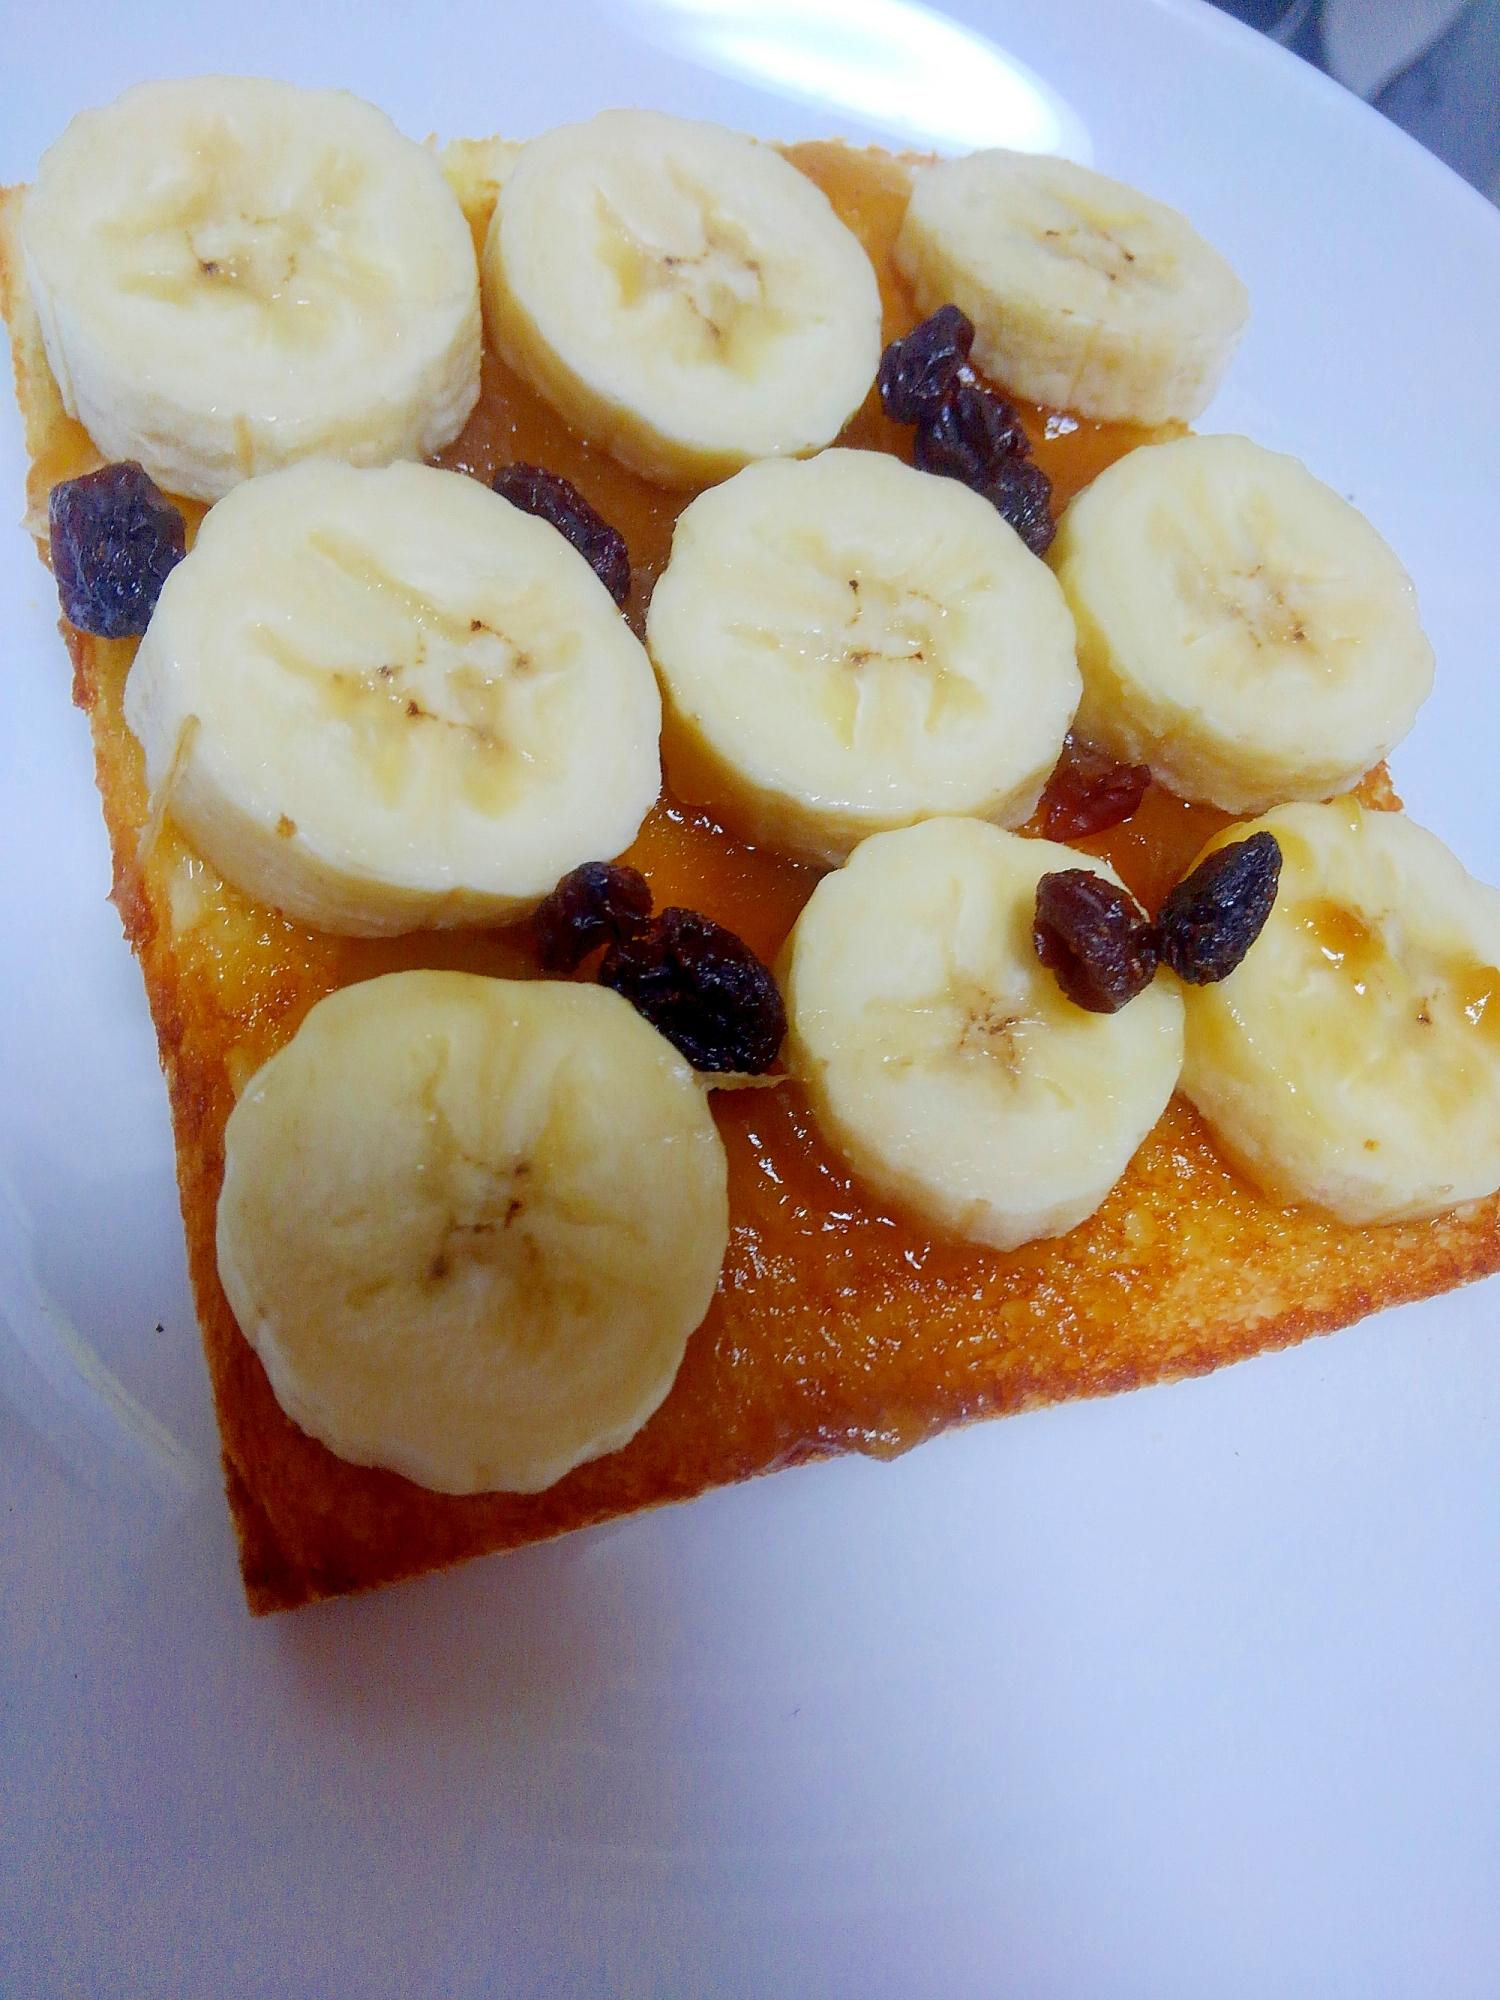 バナナがトッピングされたカヤトースト